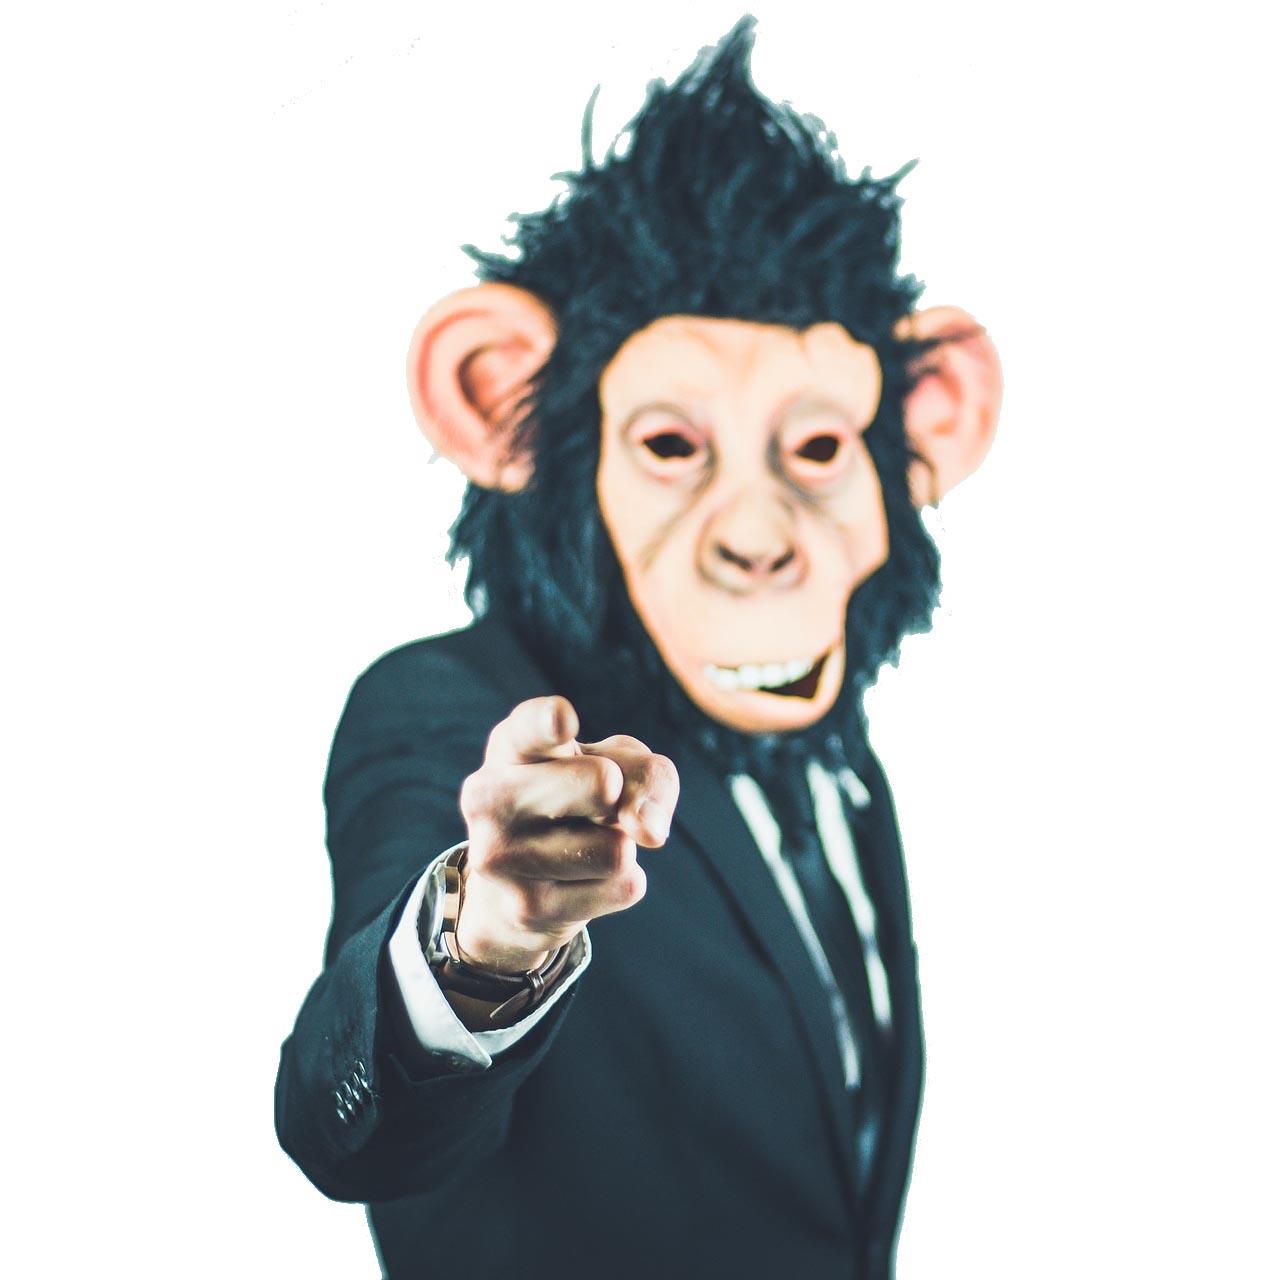 scimmia_contorno_bastascimmie